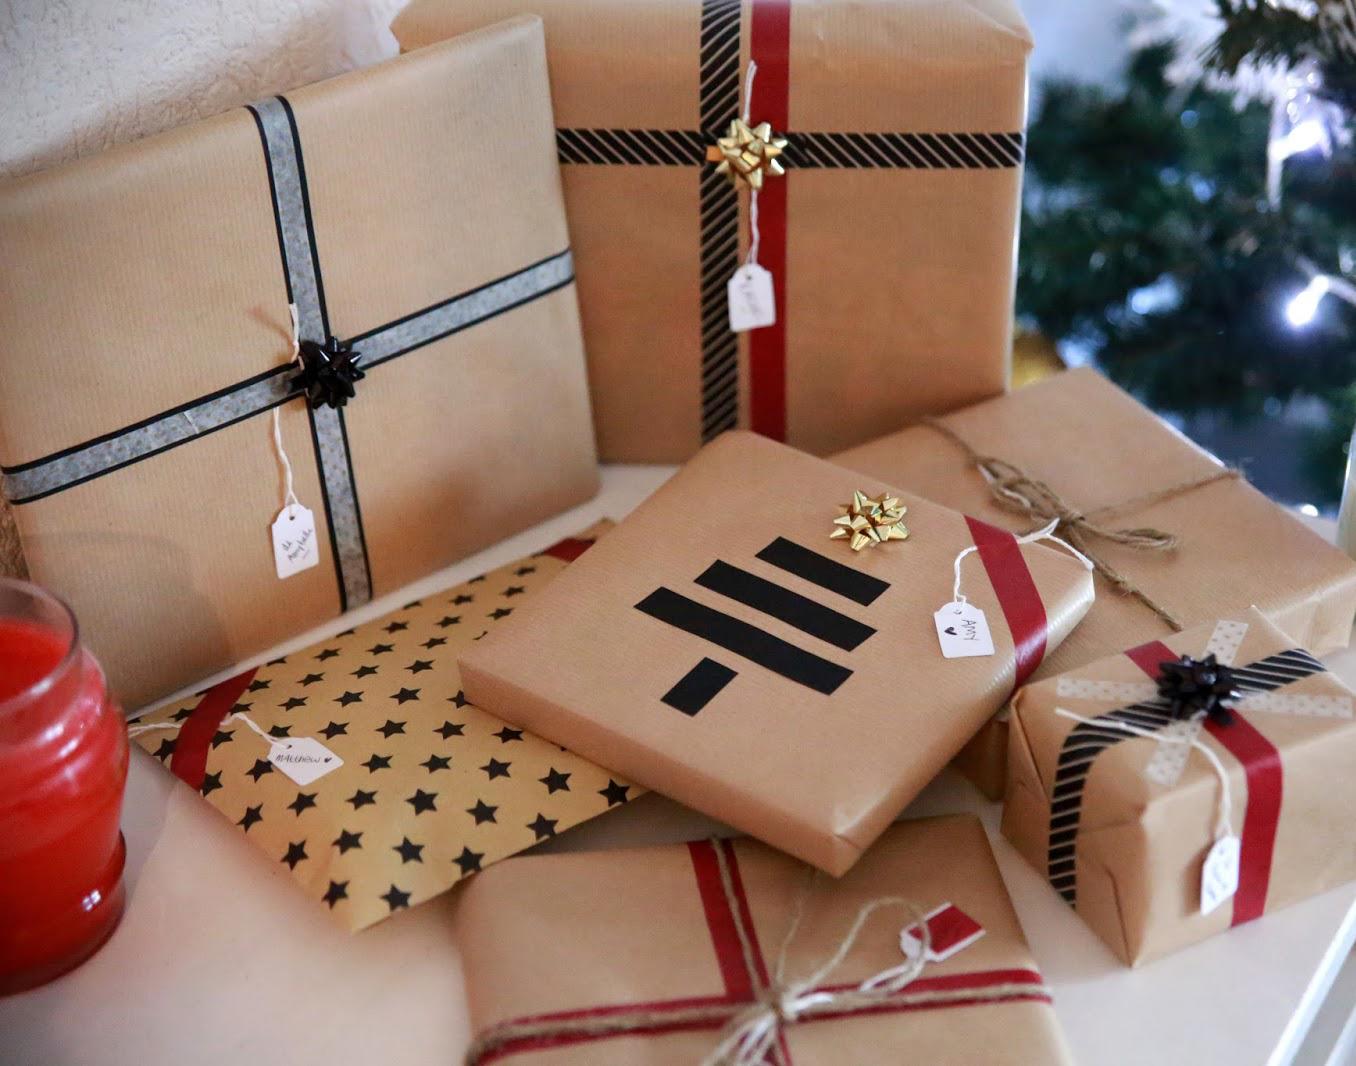 Comment Faire Un Paquet Cadeau Original Couleur Mariage Paquets Cadeaux Originaux